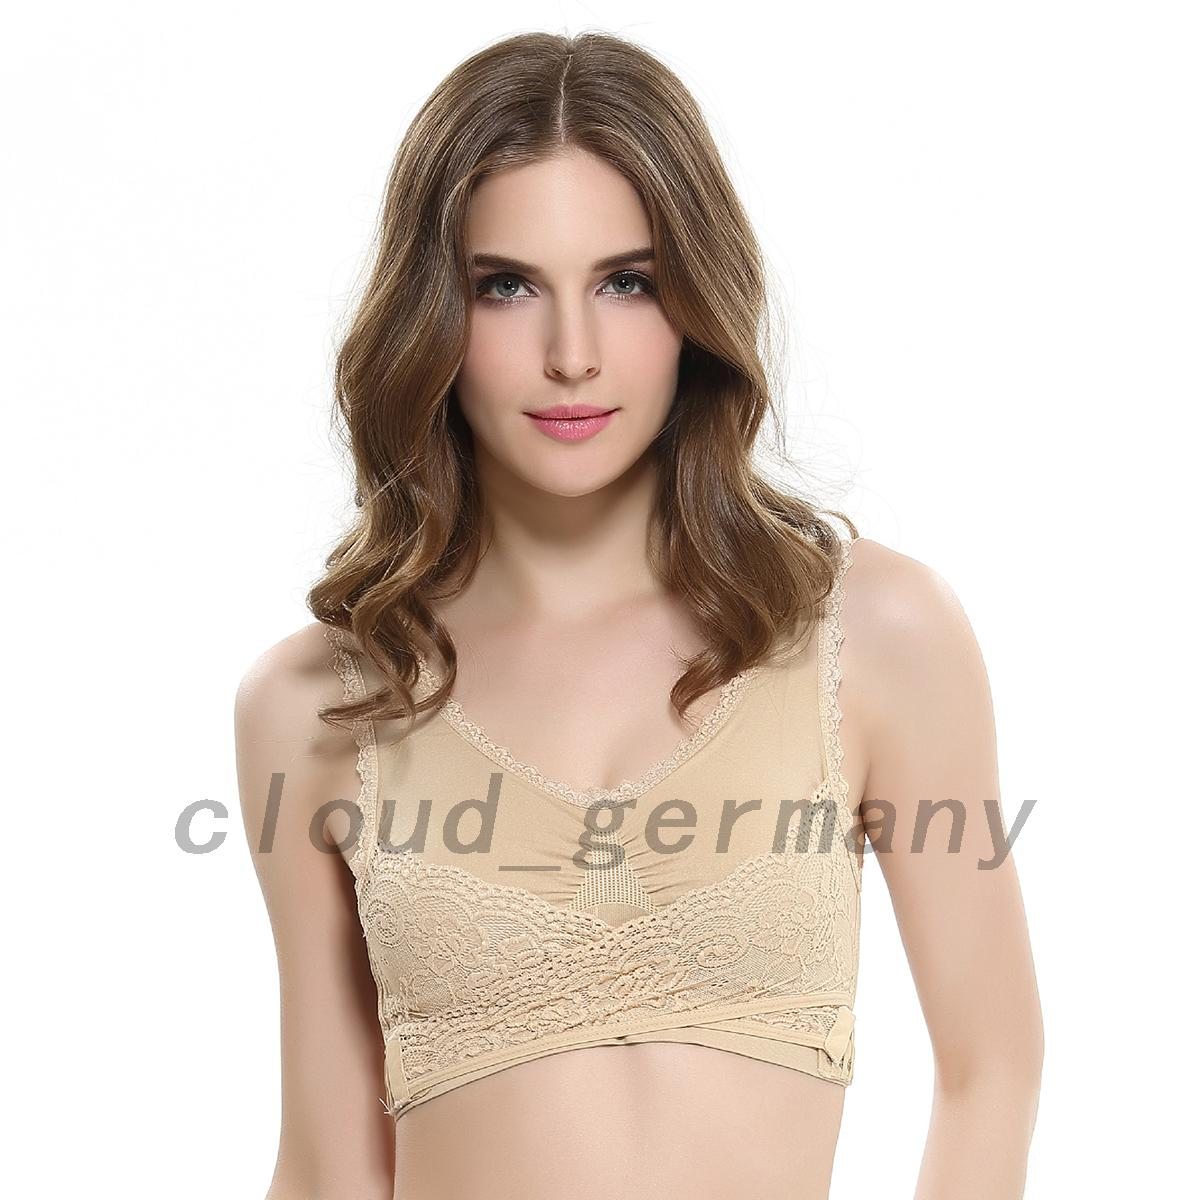 Femmes-Sexy-Confortable-Brassiere-Soutien-gorge-Sport-Sous-Vetement-Gym-Dentelle